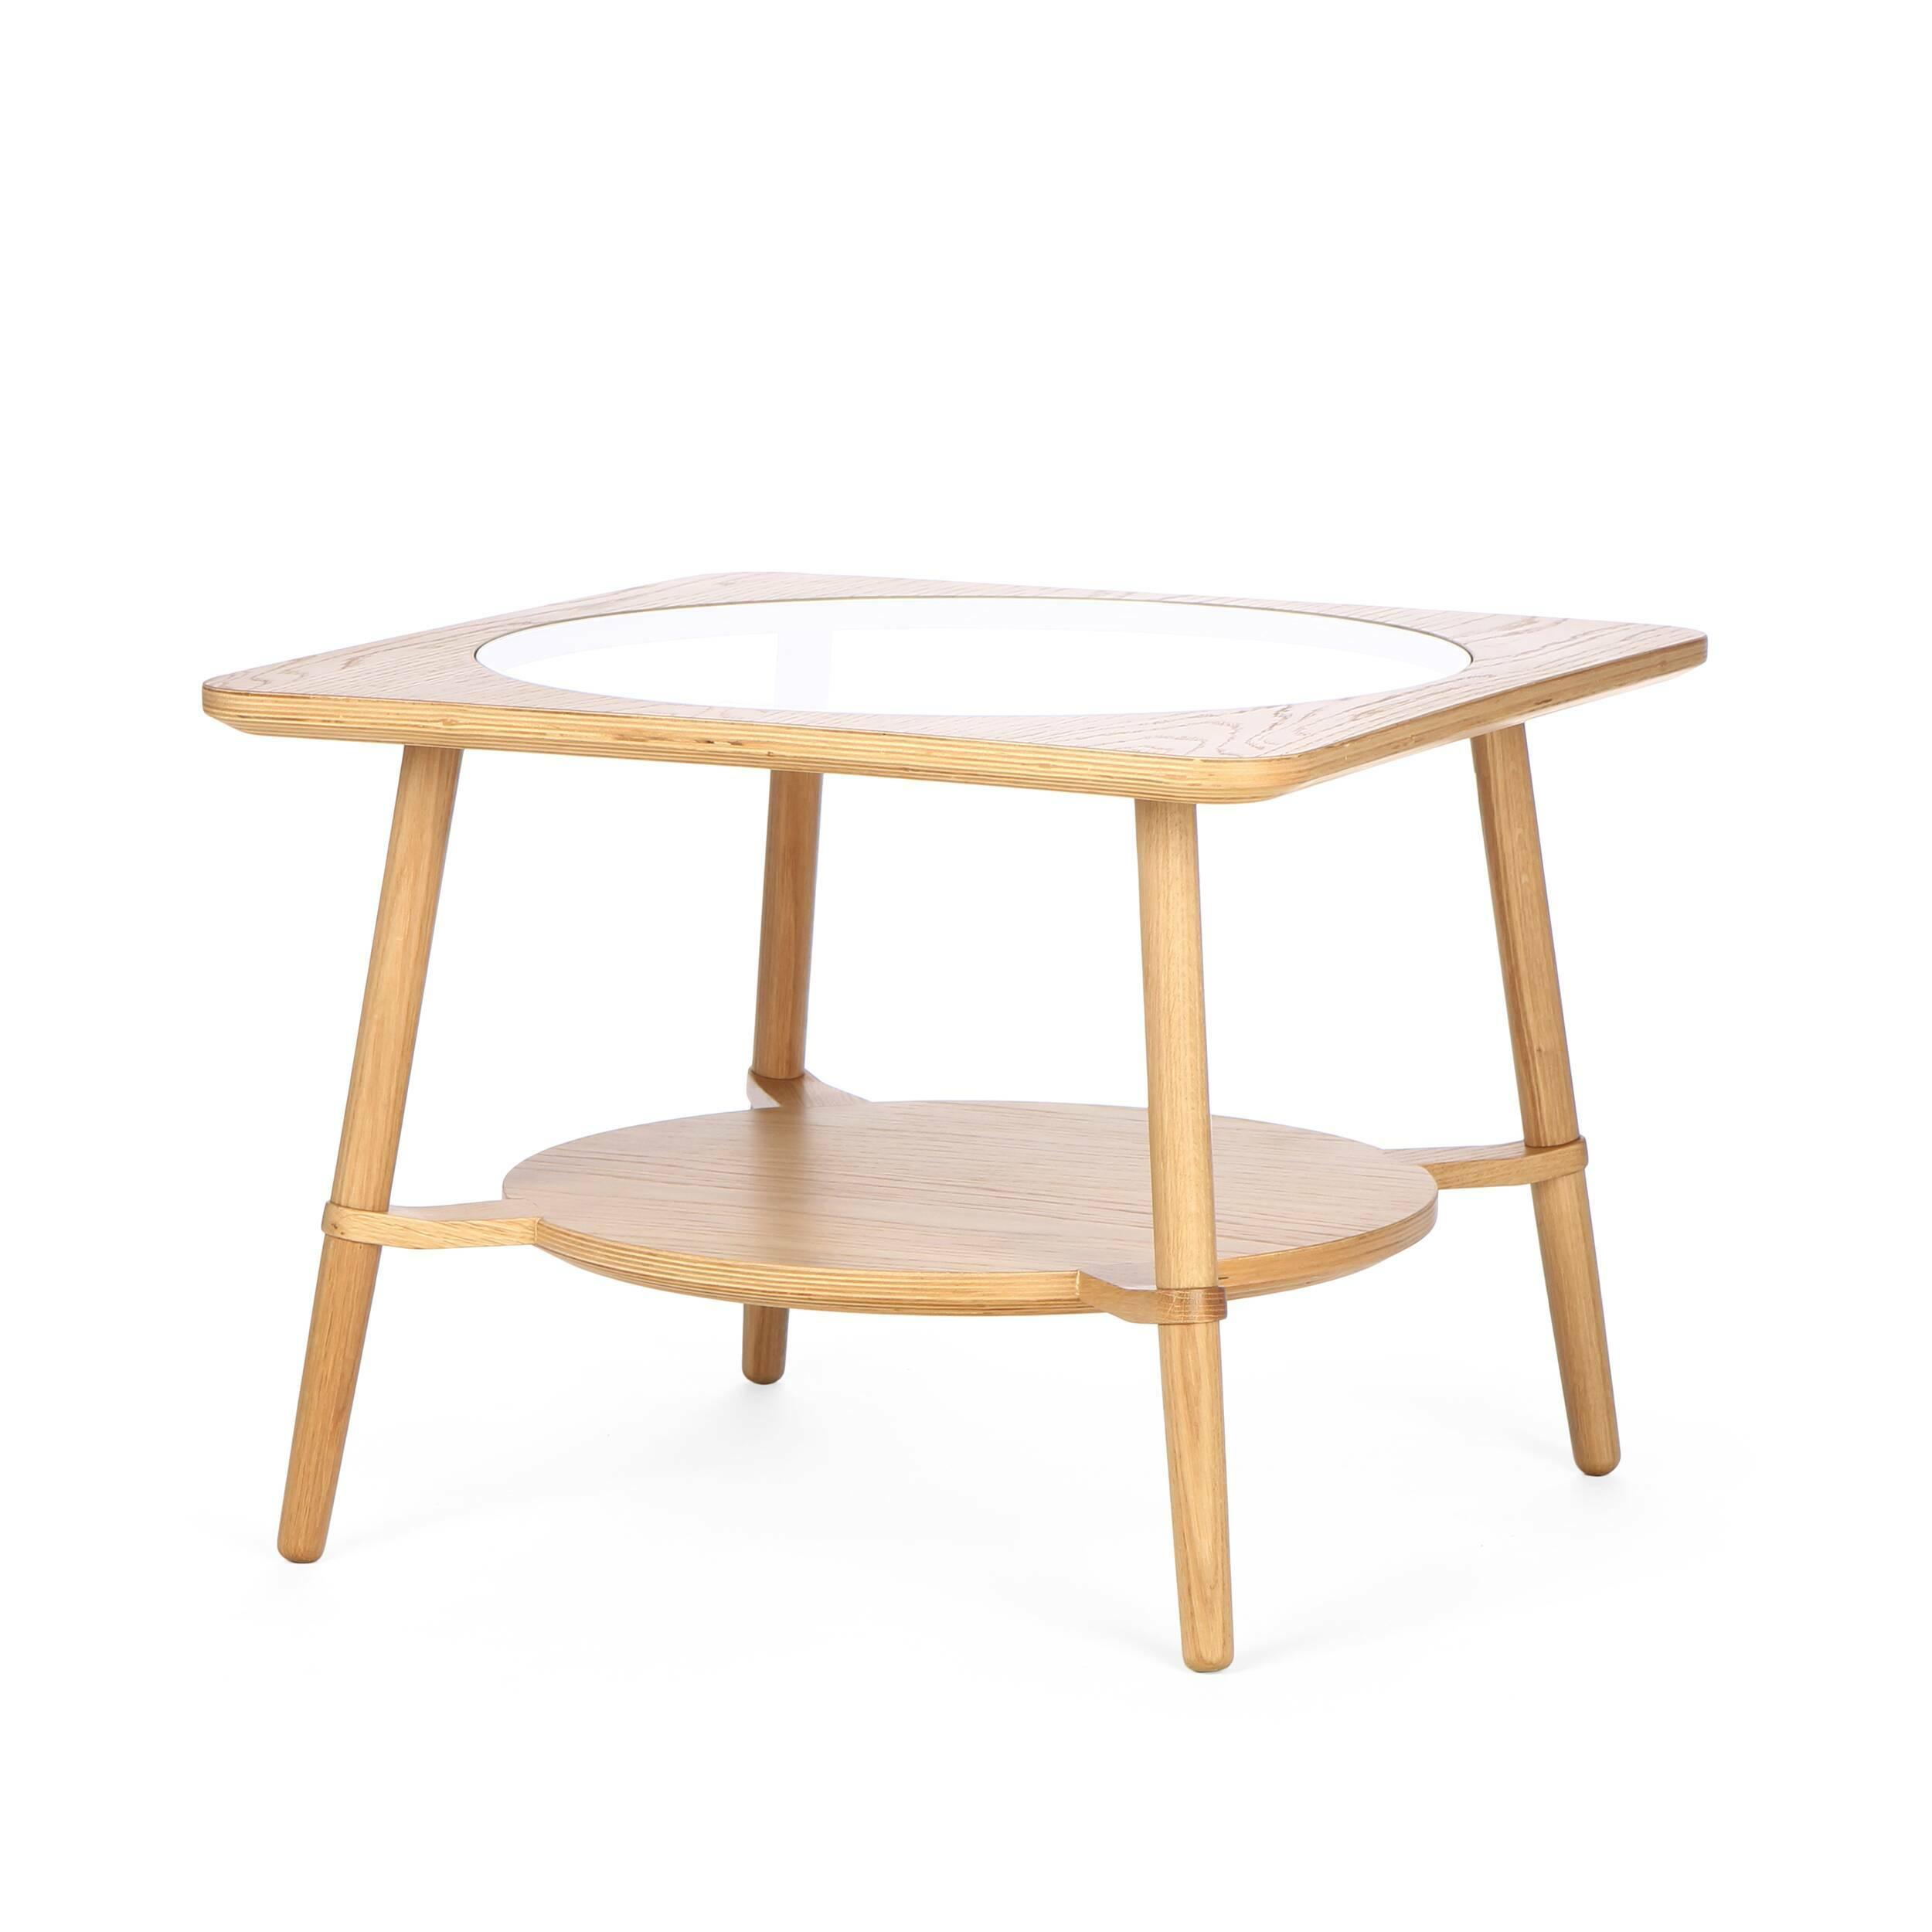 Кофейный стол  CutoutКофейные столики<br>Дизайнерский стильный кофейный стол Cutout (Катаут) с прозрачной столешницей от Cosmo (Космо).<br><br><br> Журнальный стол Cutout сконструировал американский дизайнер Шон Дикс. Мебель Шона Дикса минималистична и интеллектуальна, прекрасно обработана и очень функциональна. Она несет в себе чувство роскоши, которое отличает работы Шона от работ его коллег. <br><br><br> Иногда дизайнеры как дети, им хочется взяться за ножницы и клей и смастерить причудливое оригами или аппликацию. Так родилась и эта моде...<br><br>stock: 3<br>Высота: 45<br>Ширина: 60<br>Длина: 60<br>Цвет ножек: Светло-коричневый<br>Цвет столешницы: Прозрачный<br>Материал каркаса: Фанера, шпон дуба<br>Материал ножек: Массив дуба<br>Тип материала каркаса: Фанера<br>Тип материала столешницы: Стекло закаленное<br>Тип материала ножек: Дерево<br>Цвет каркаса: Светло-коричневый